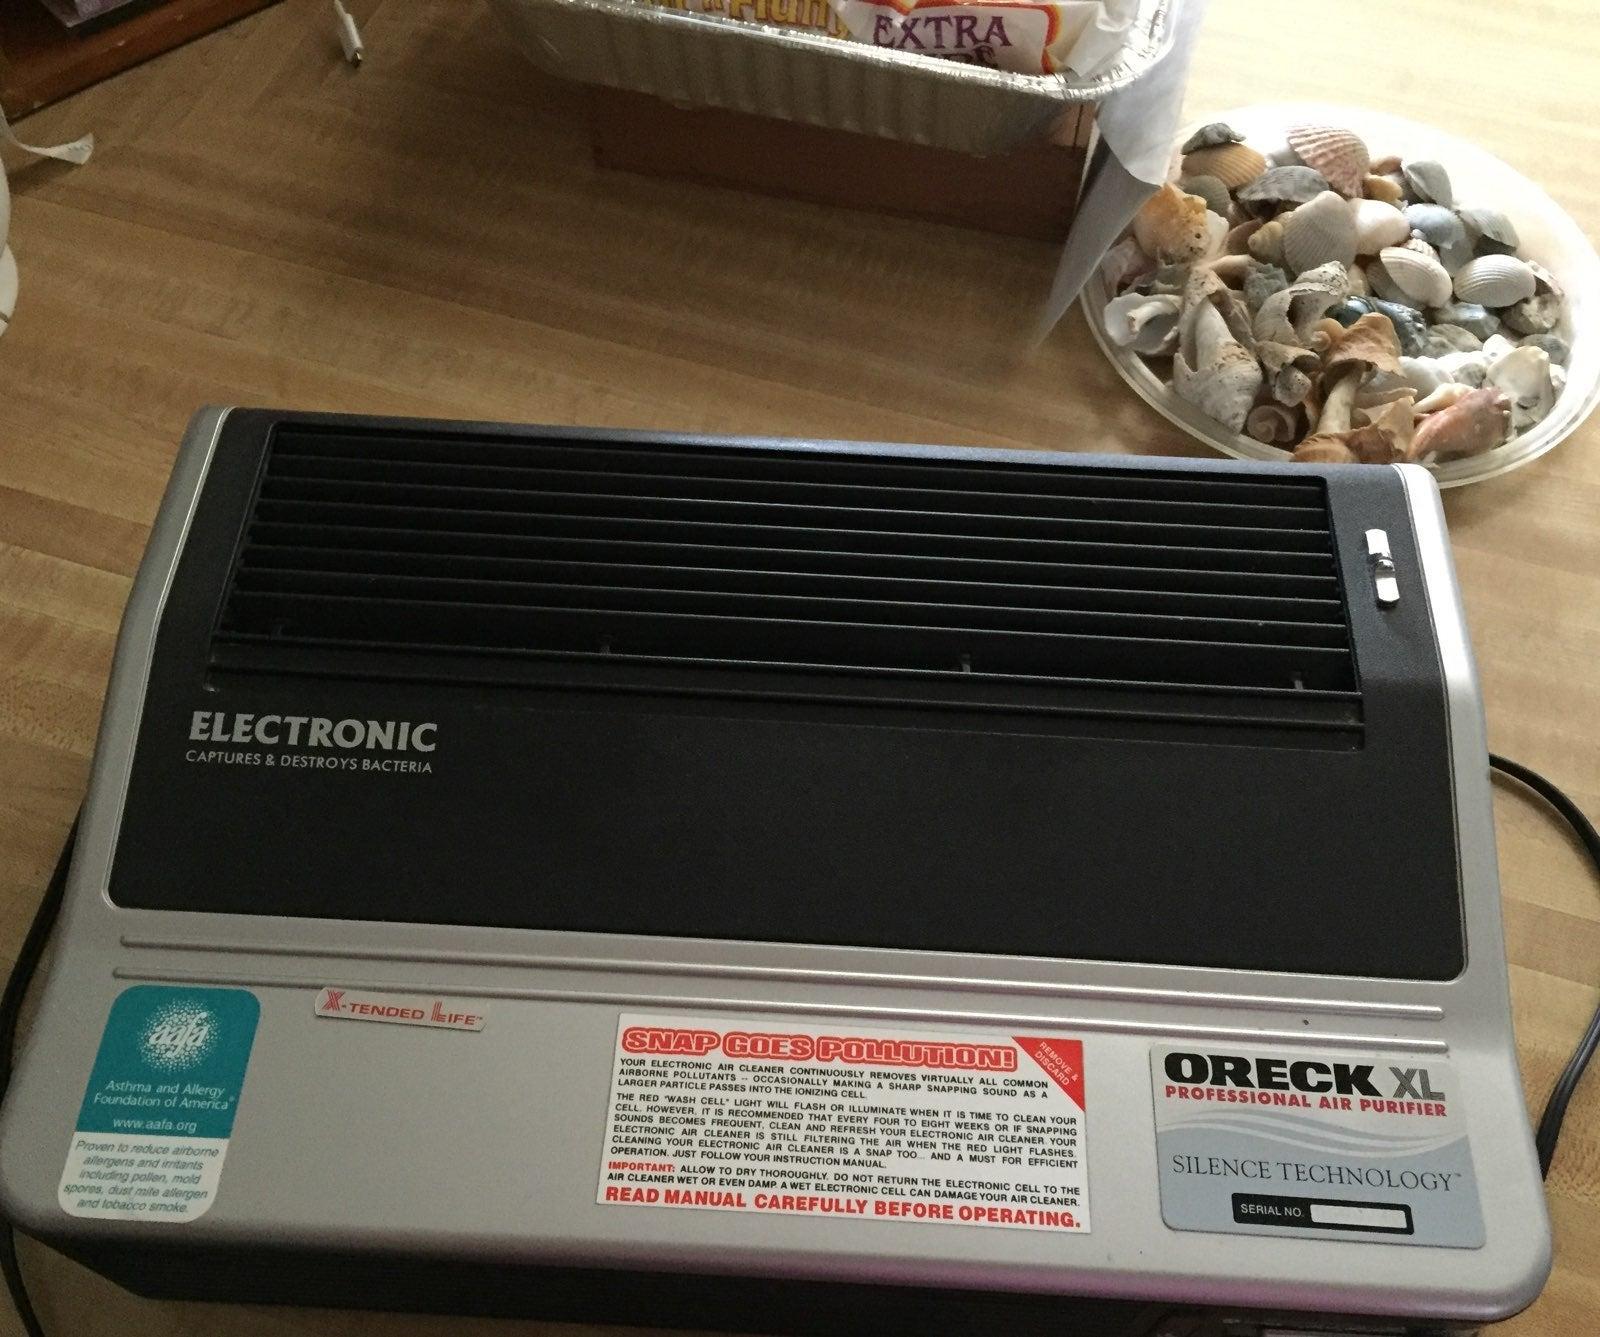 Orek XL Professional air purifier